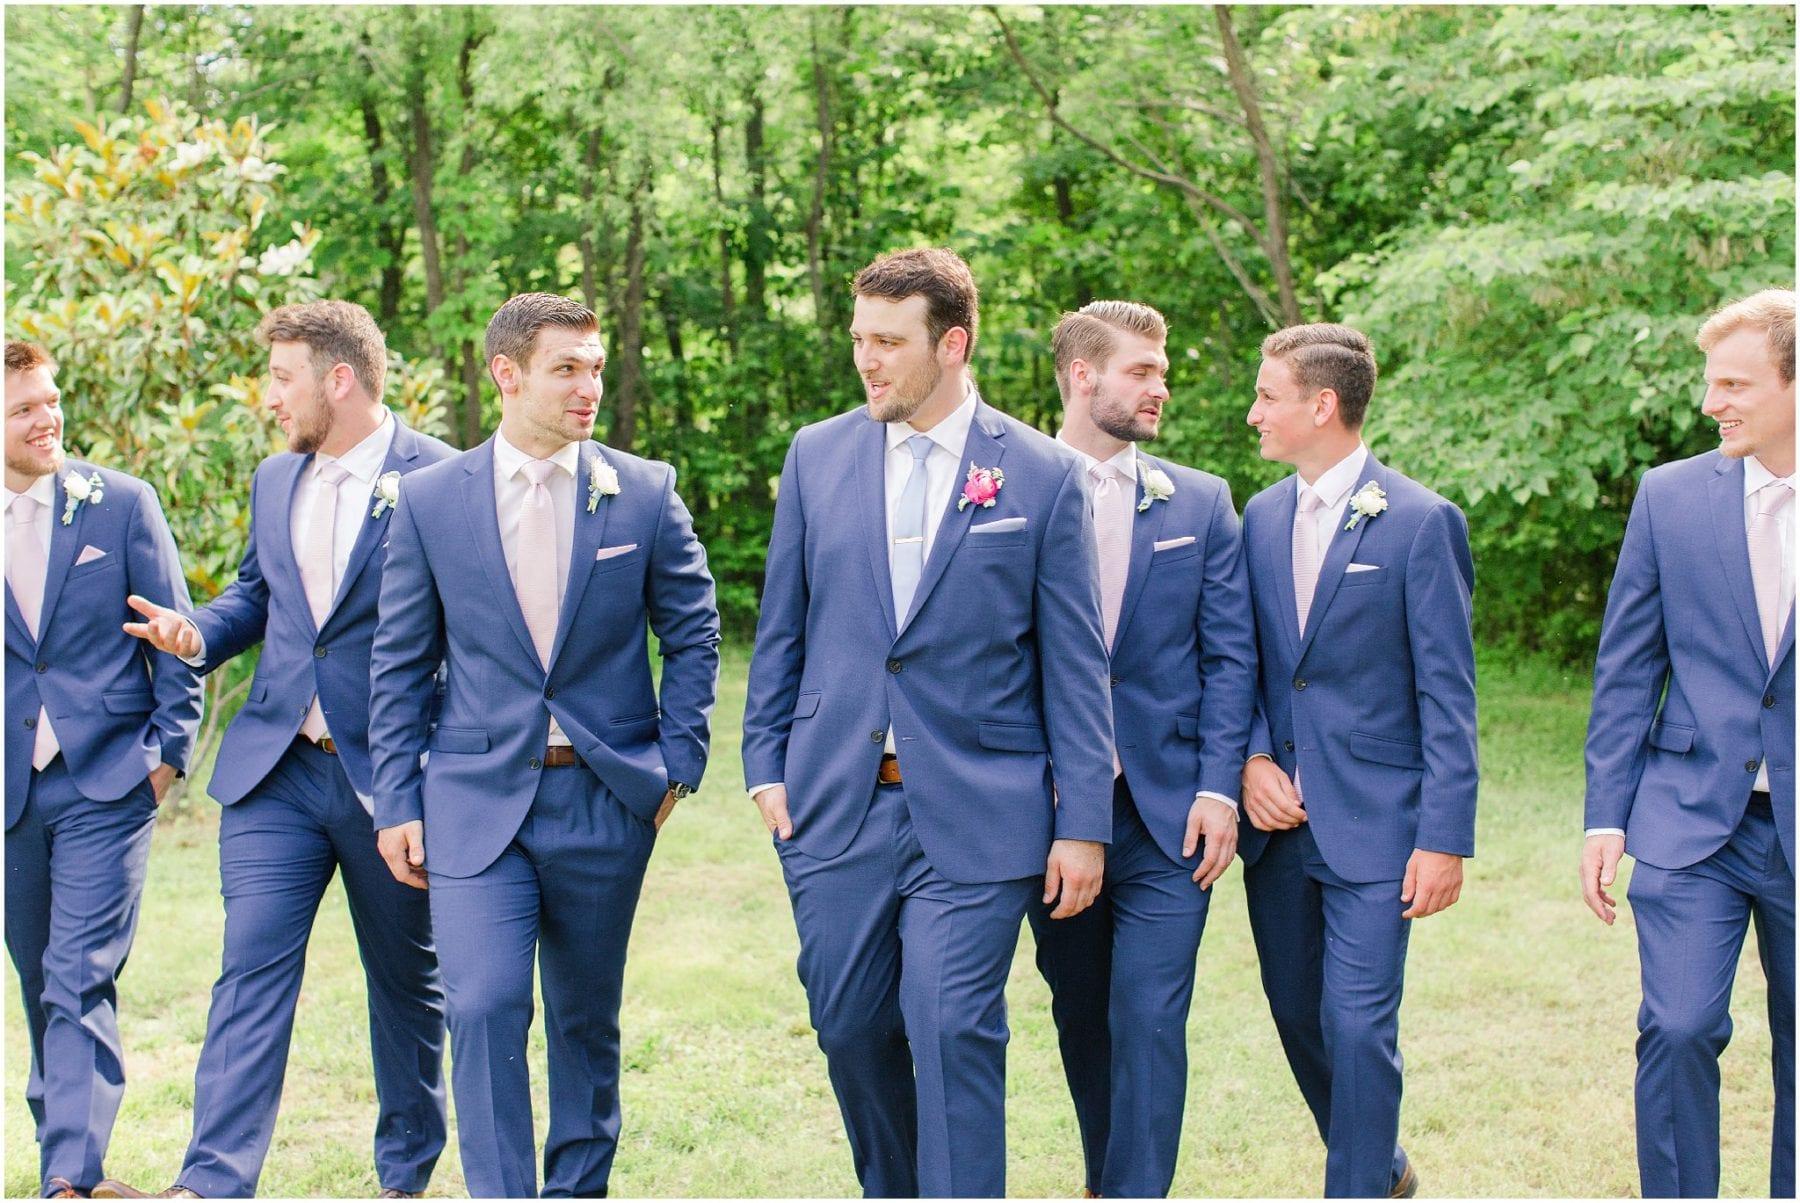 Maryland Backyard Wedding Photos Kelly & Zach Megan Kelsey Photography-169.jpg